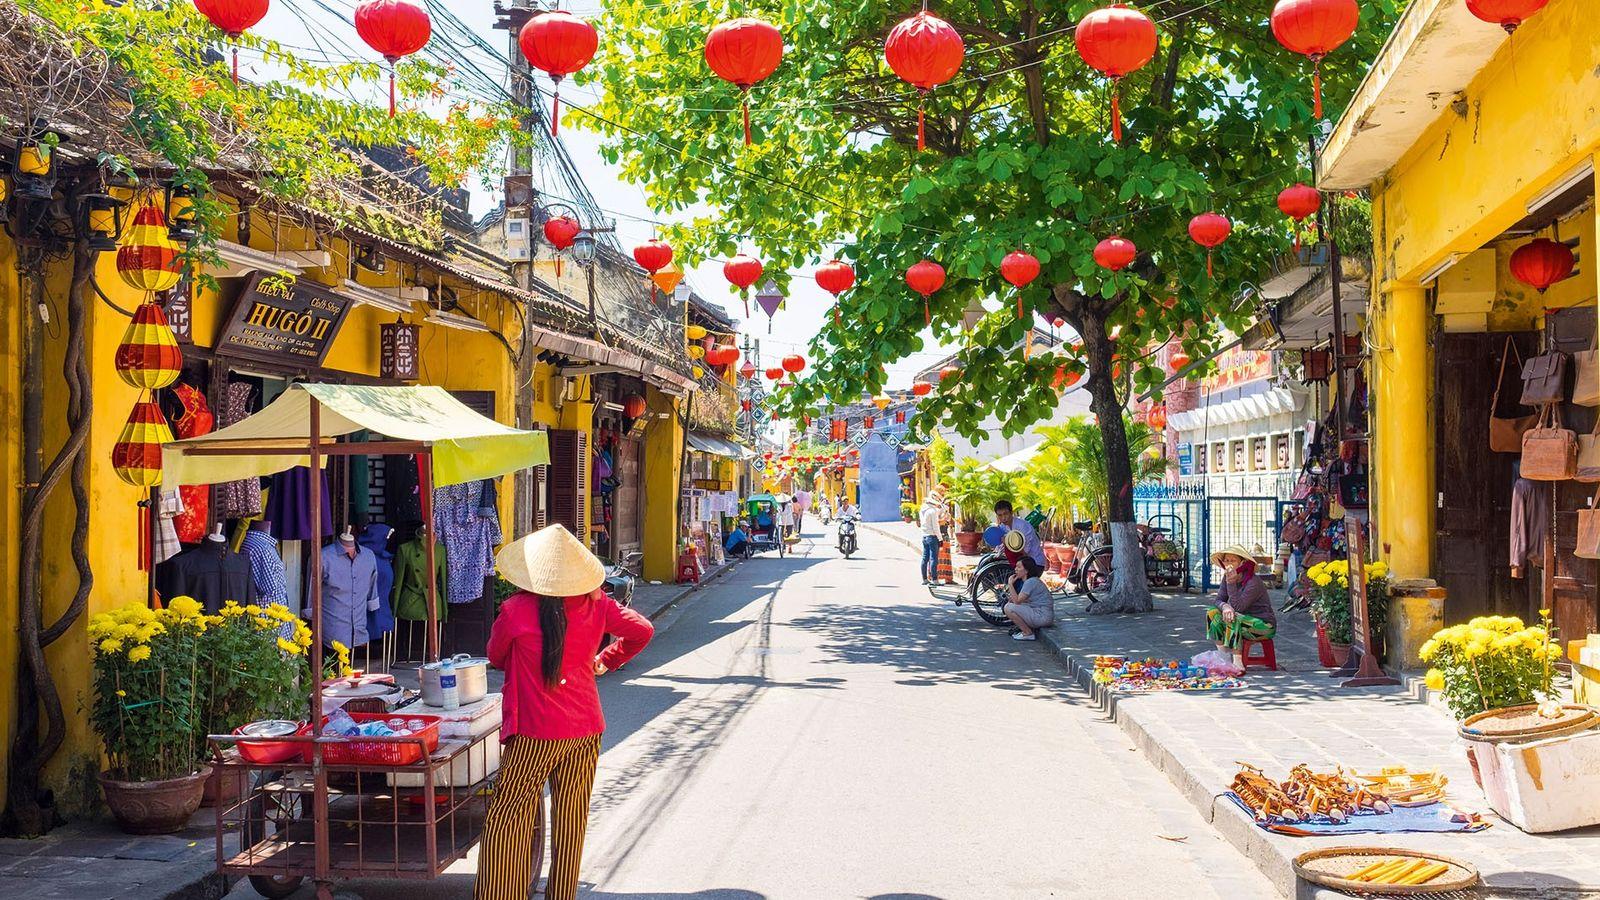 A street scene in Hoi An